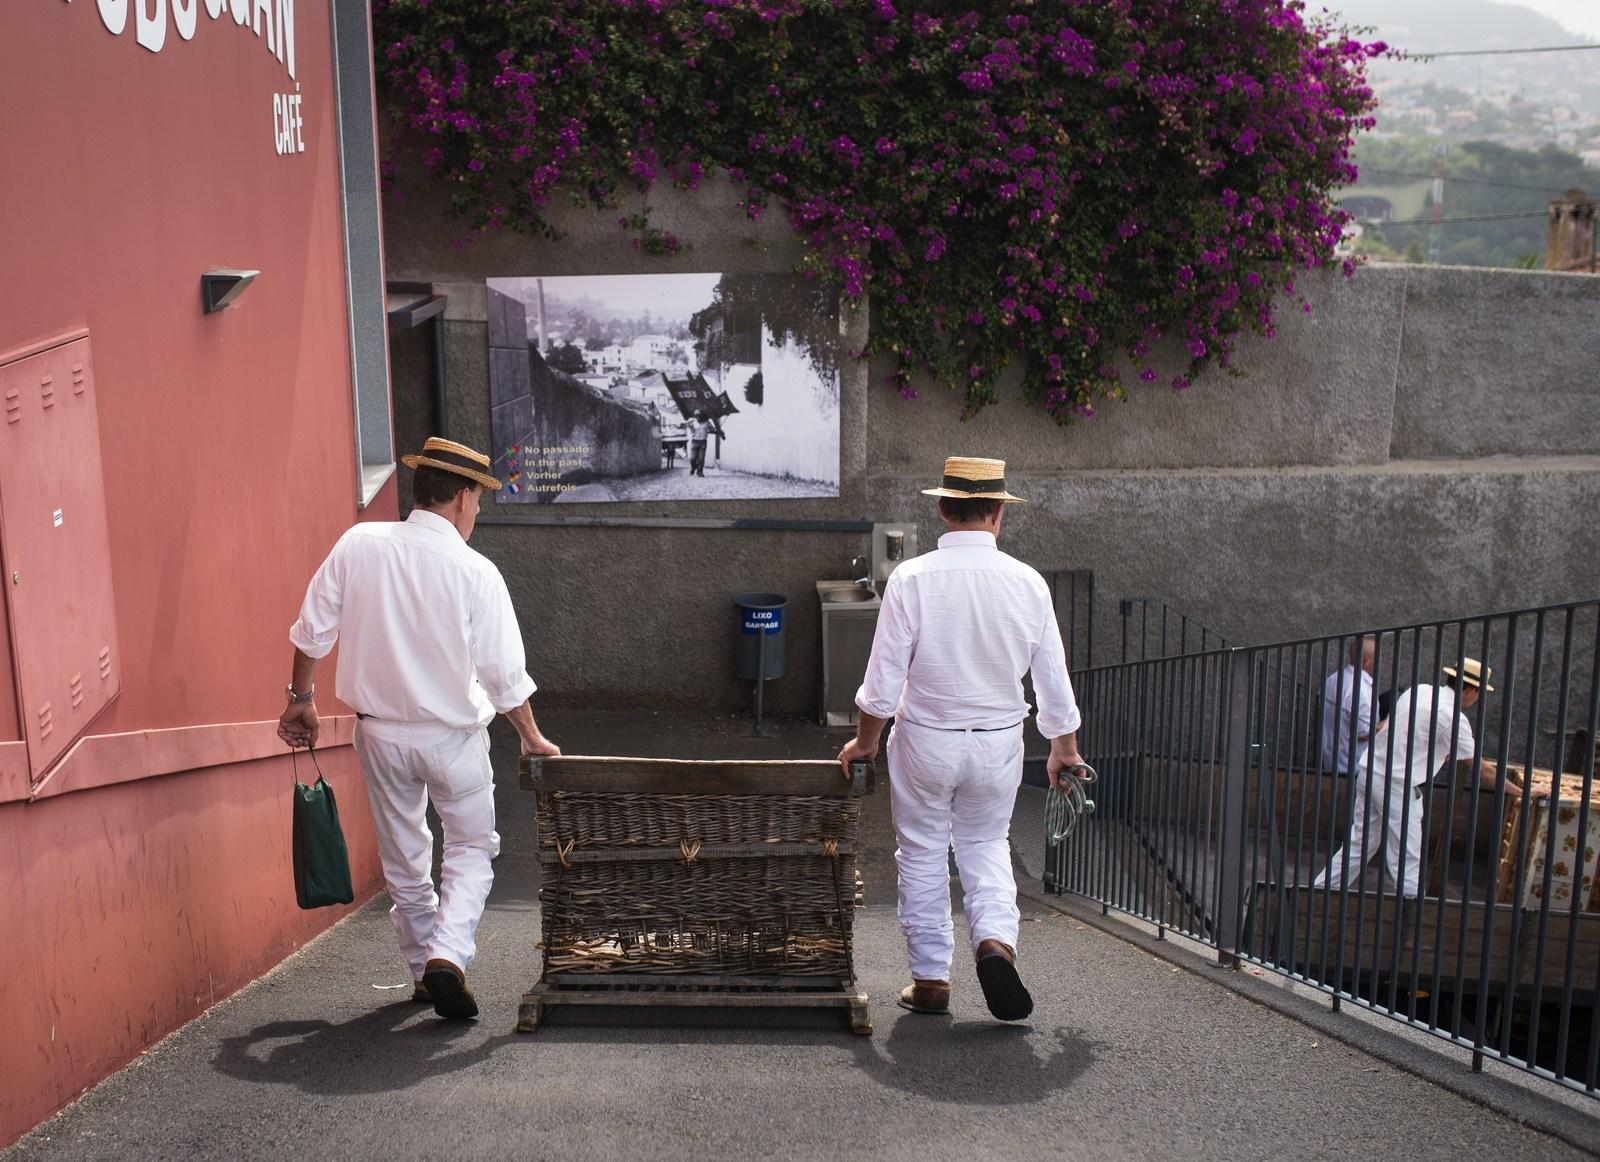 Panier Osier Funchal : Descente en panier osier funchal au portugal